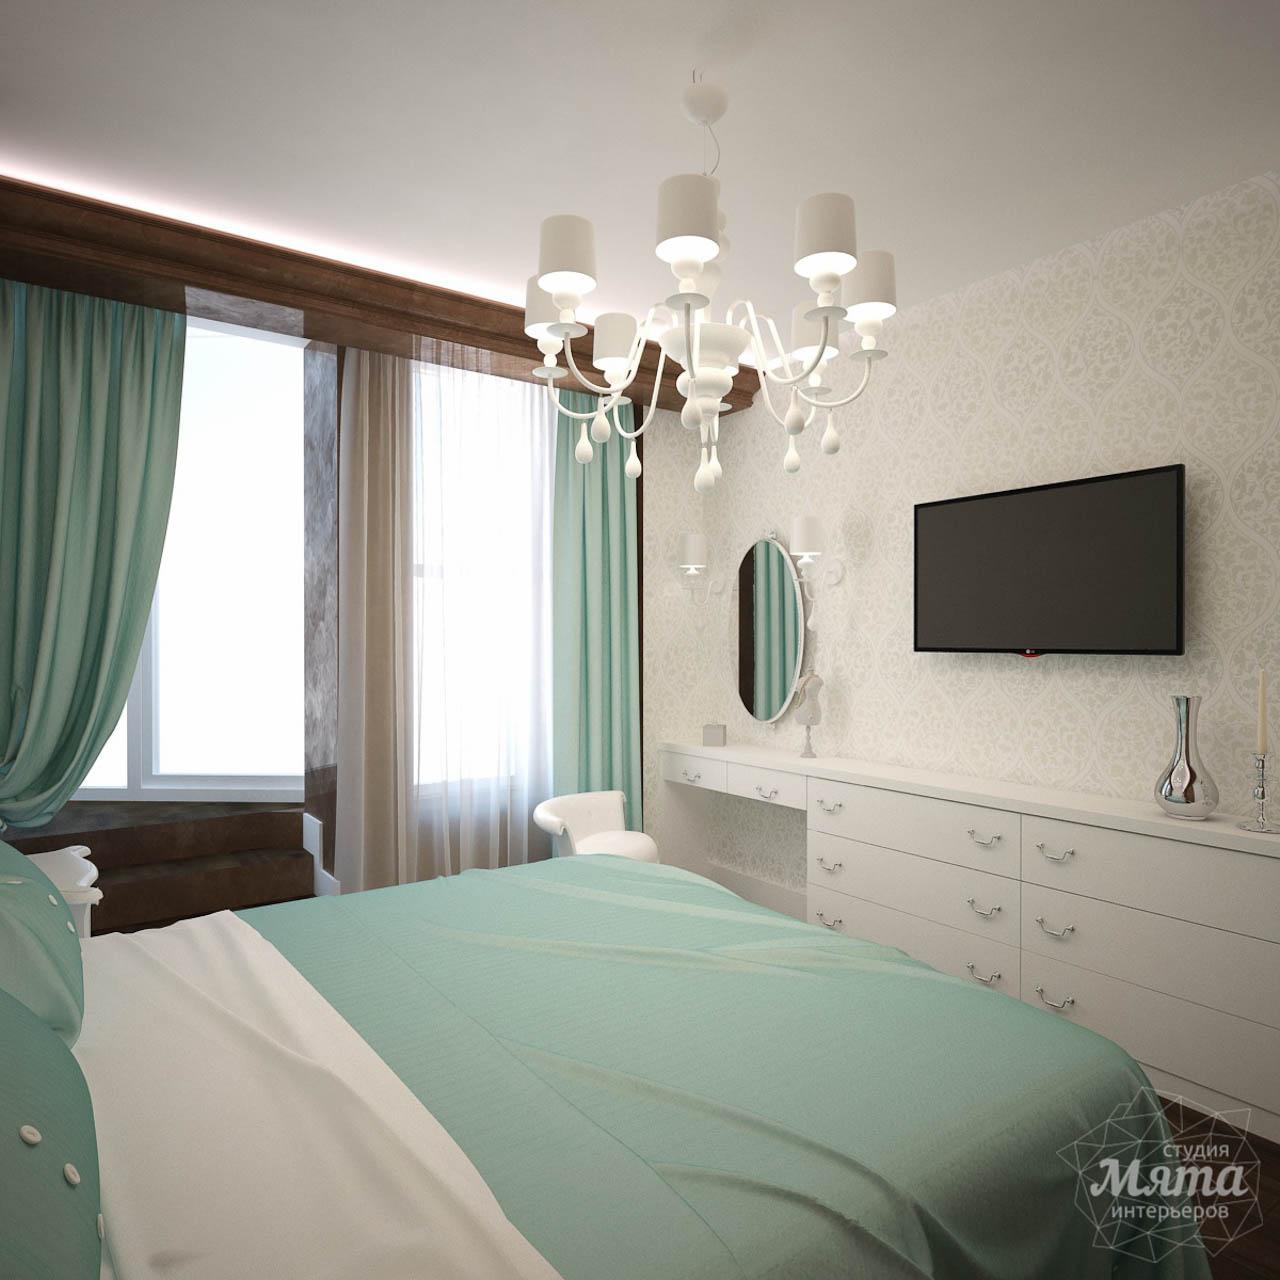 Дизайн интерьера четырехкомнатной квартиры по ул. Шевченко 18 img1132535743